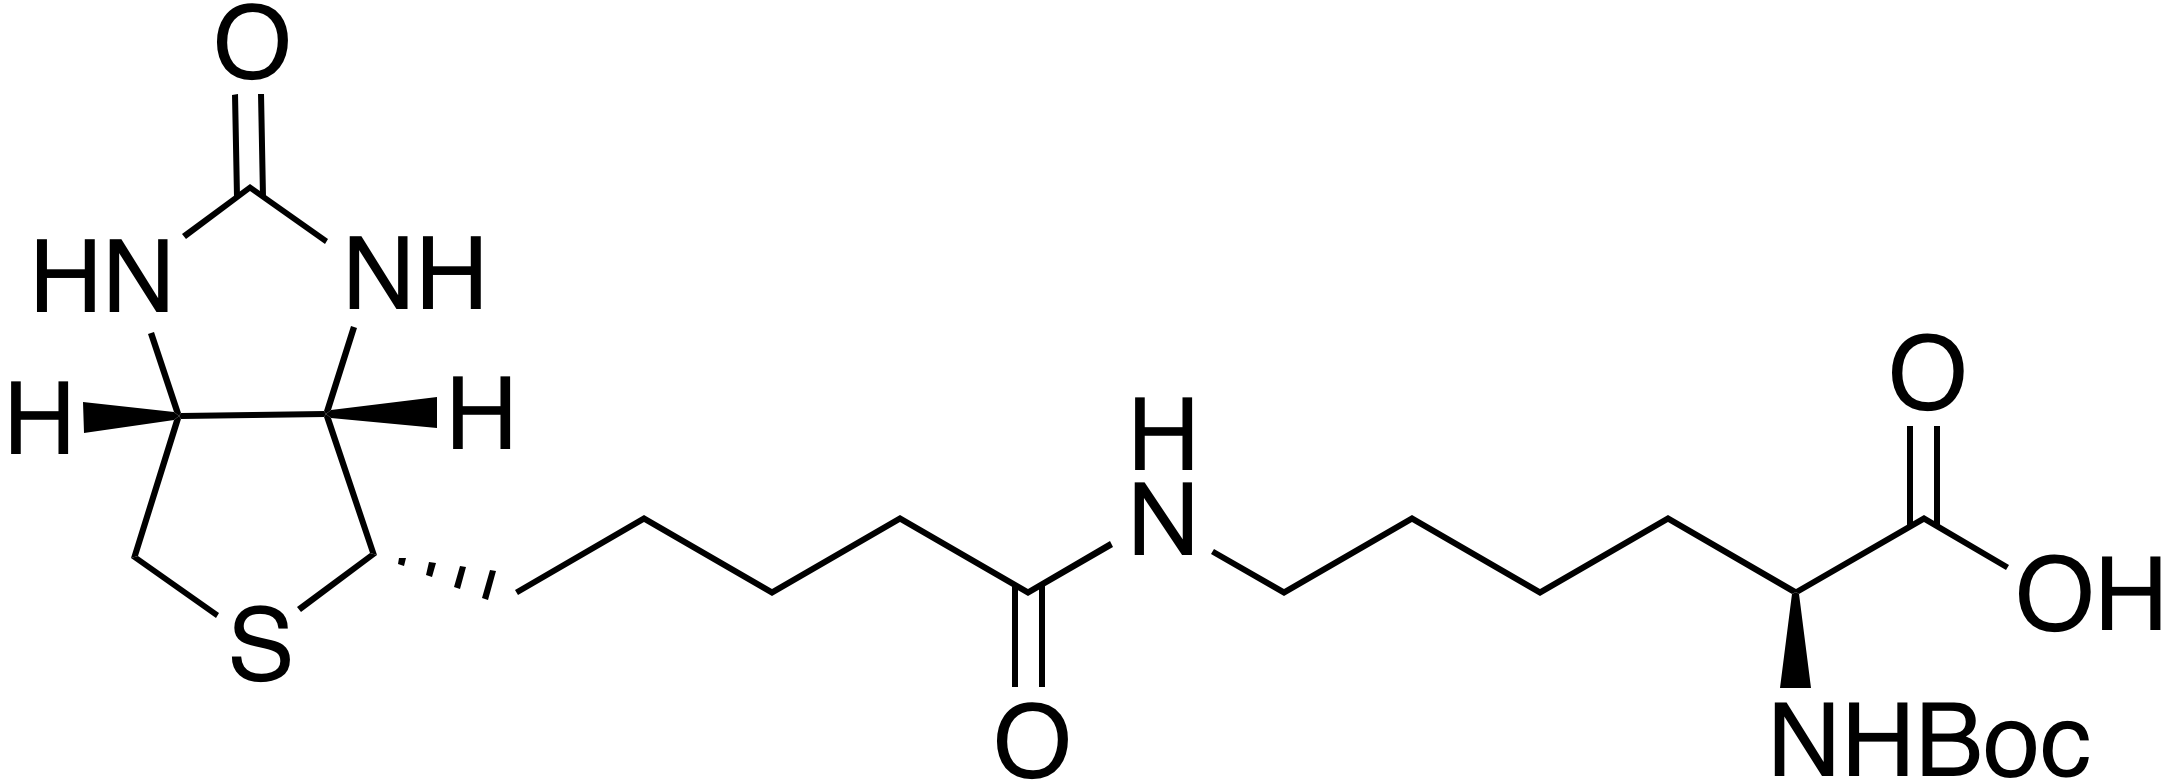 Nα-Boc-biocytin